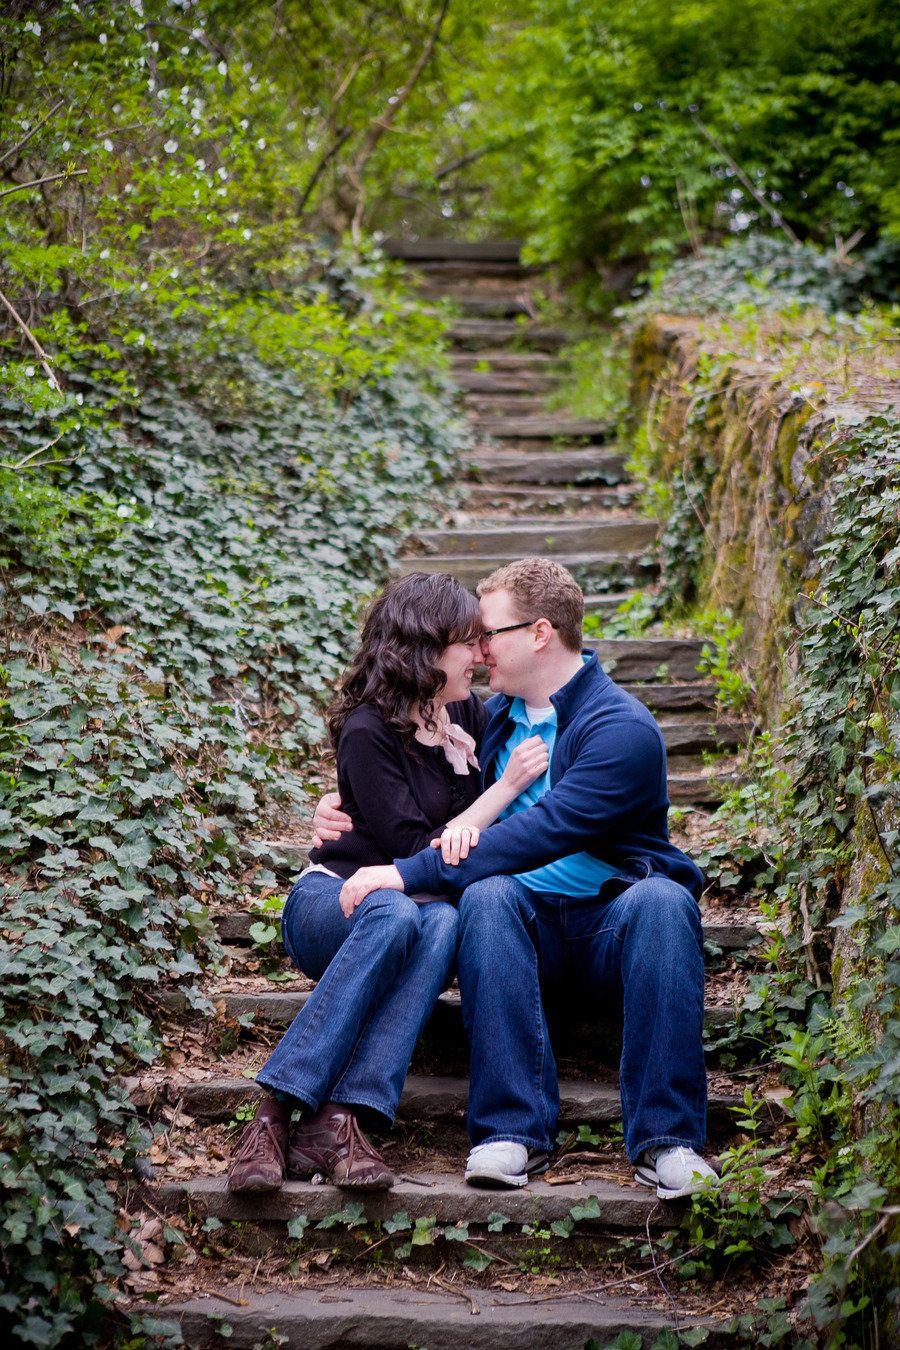 Photography by lindsaydocherty.com/